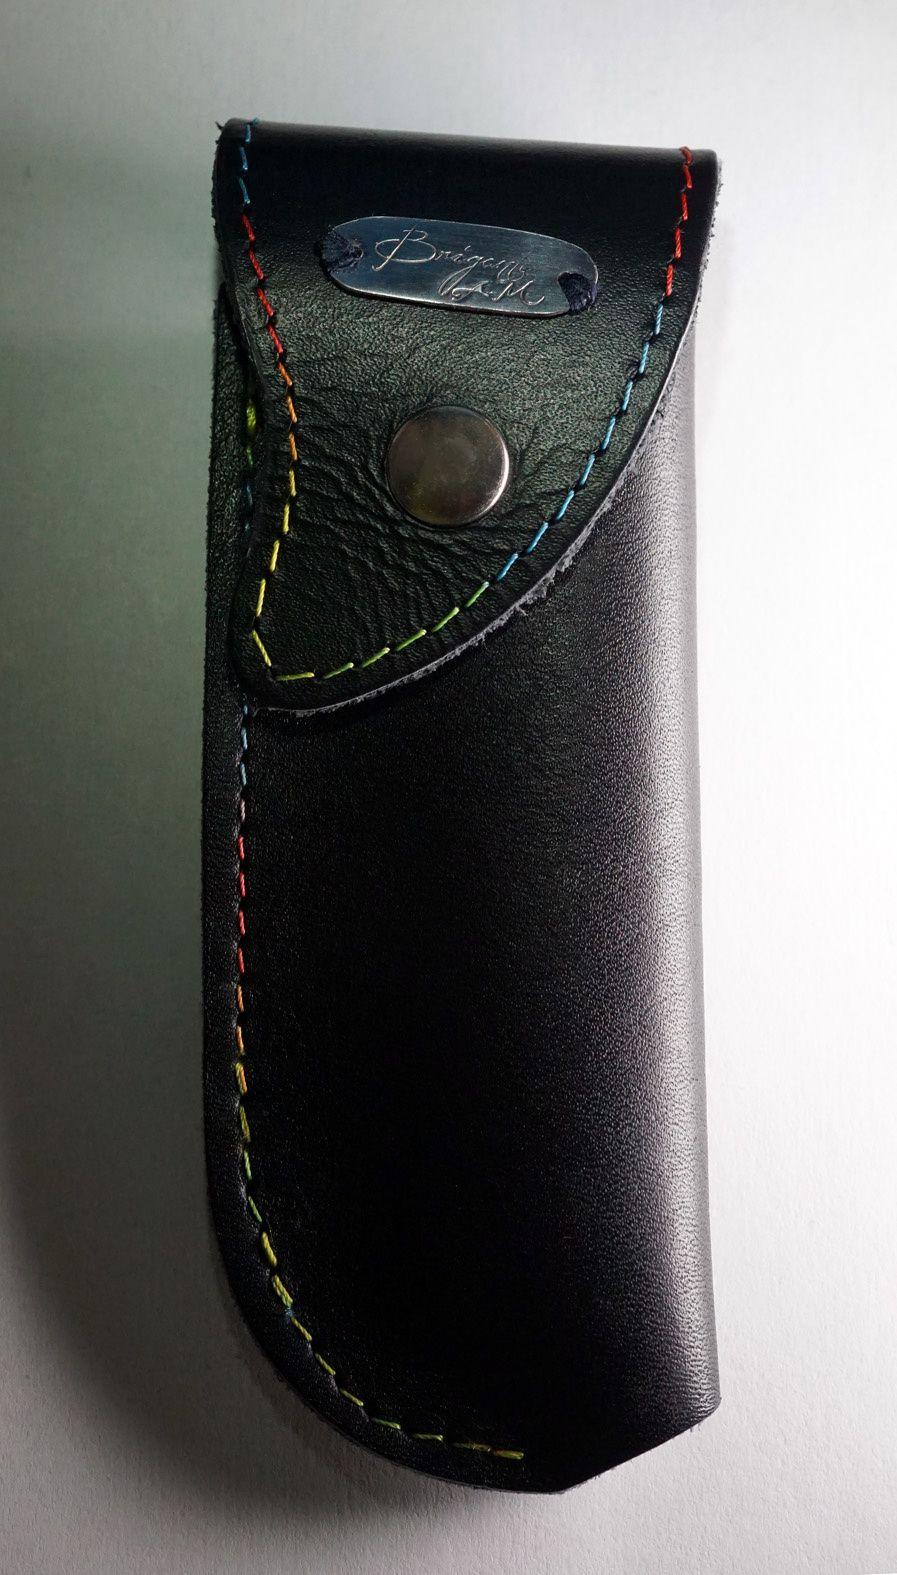 Le joli étui de ceinture offert par Alessandro fait allusion à la nageoire et arbore une couture multicolore.